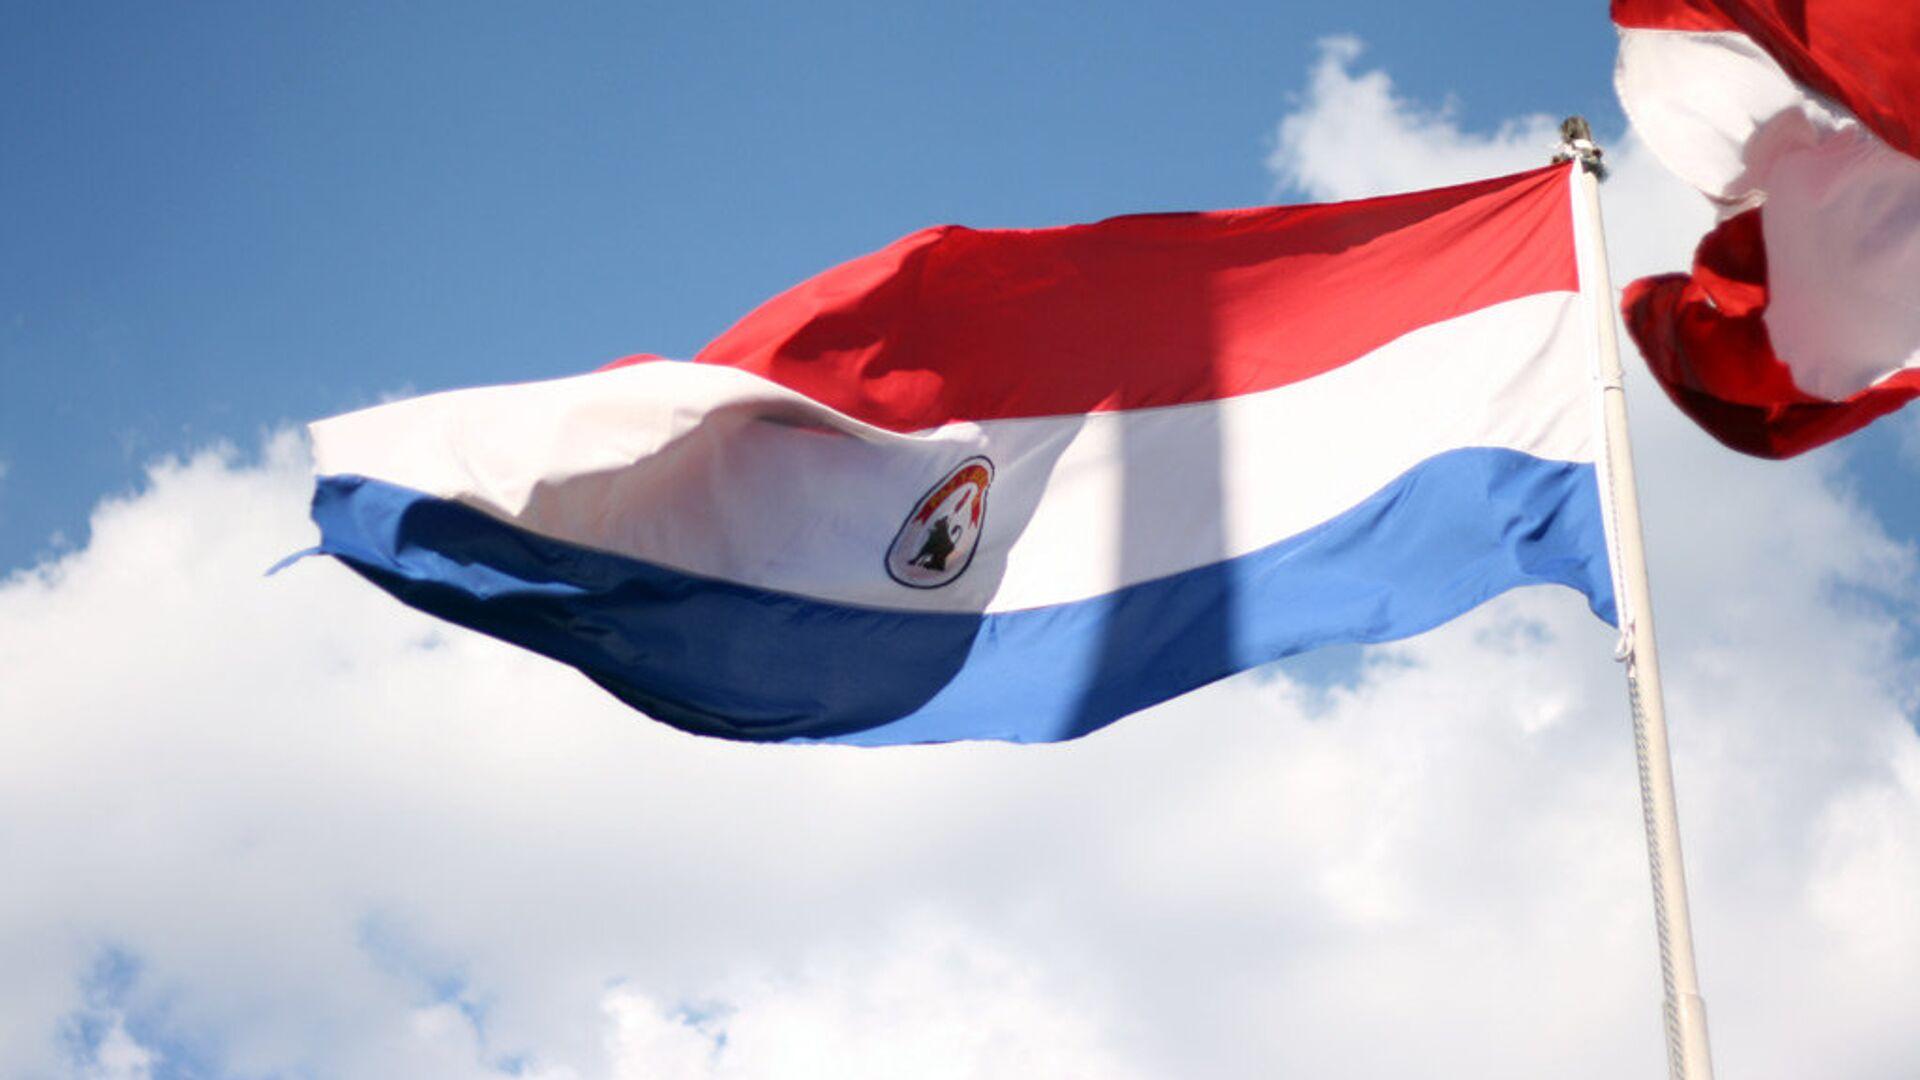 Bandera de Paraguay - Sputnik Mundo, 1920, 17.02.2021